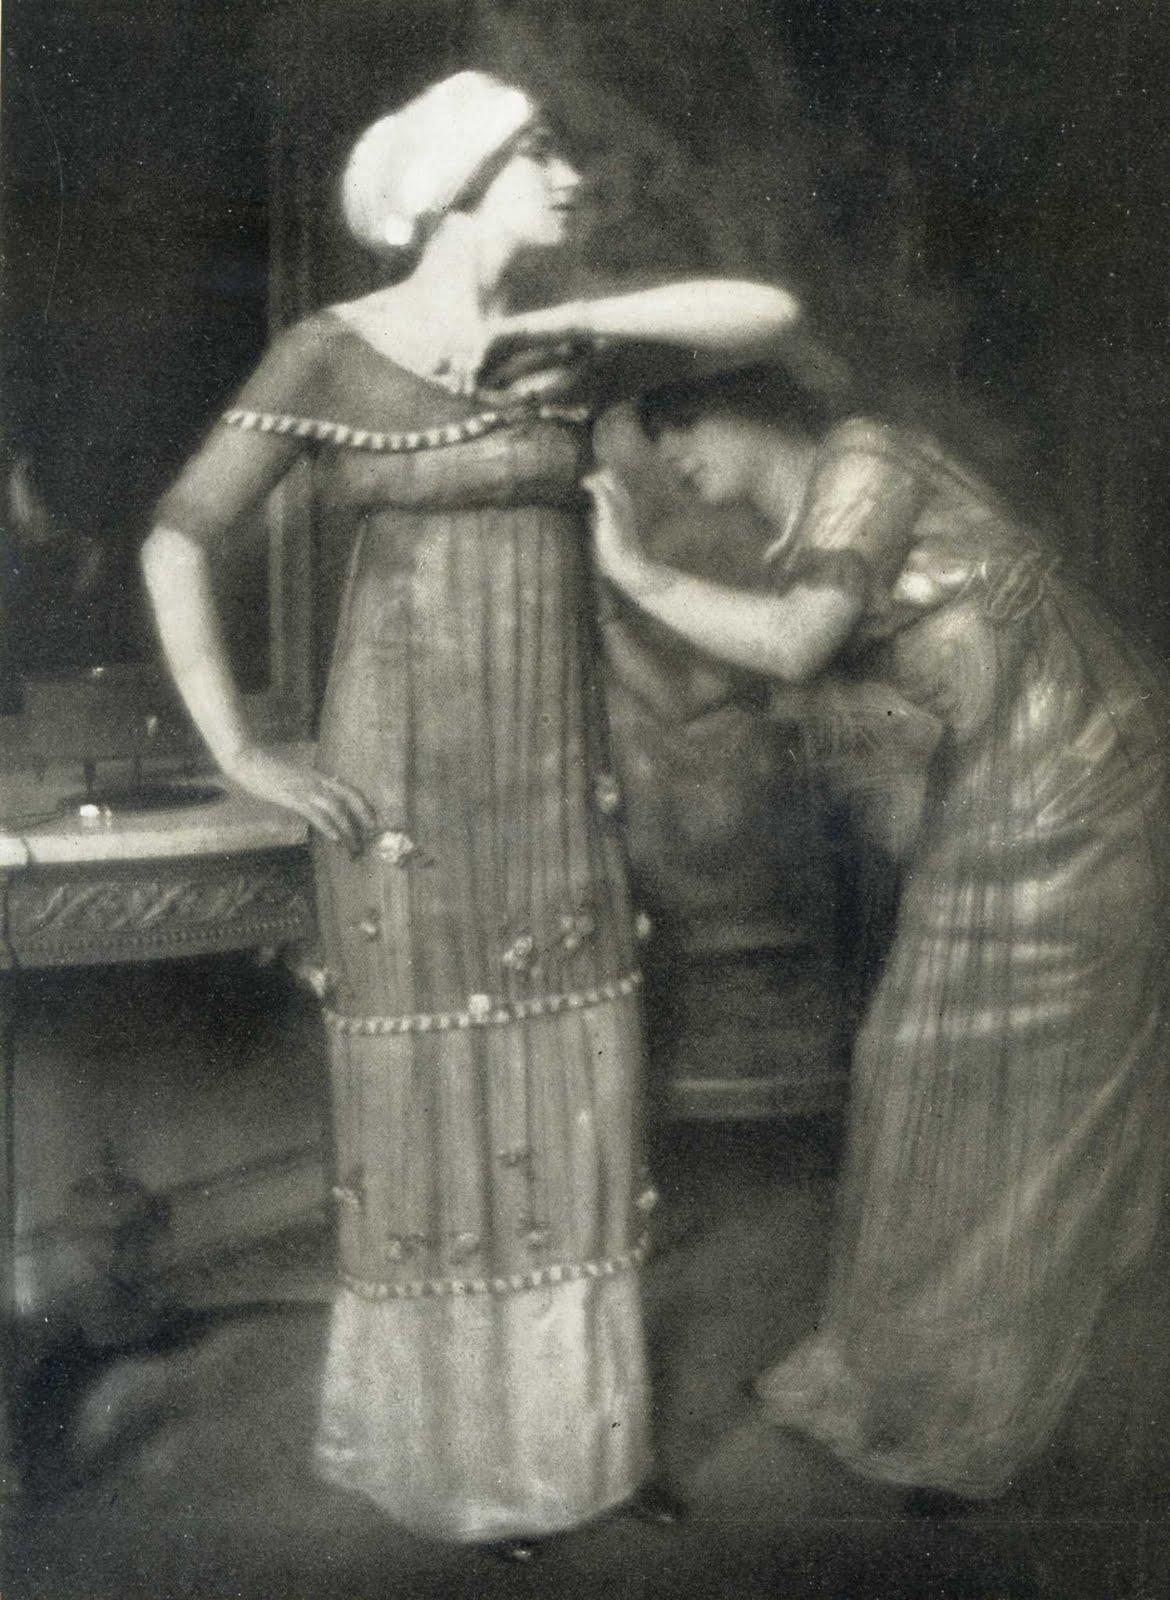 Poiret Fashion, by Edward Steichen, 1911